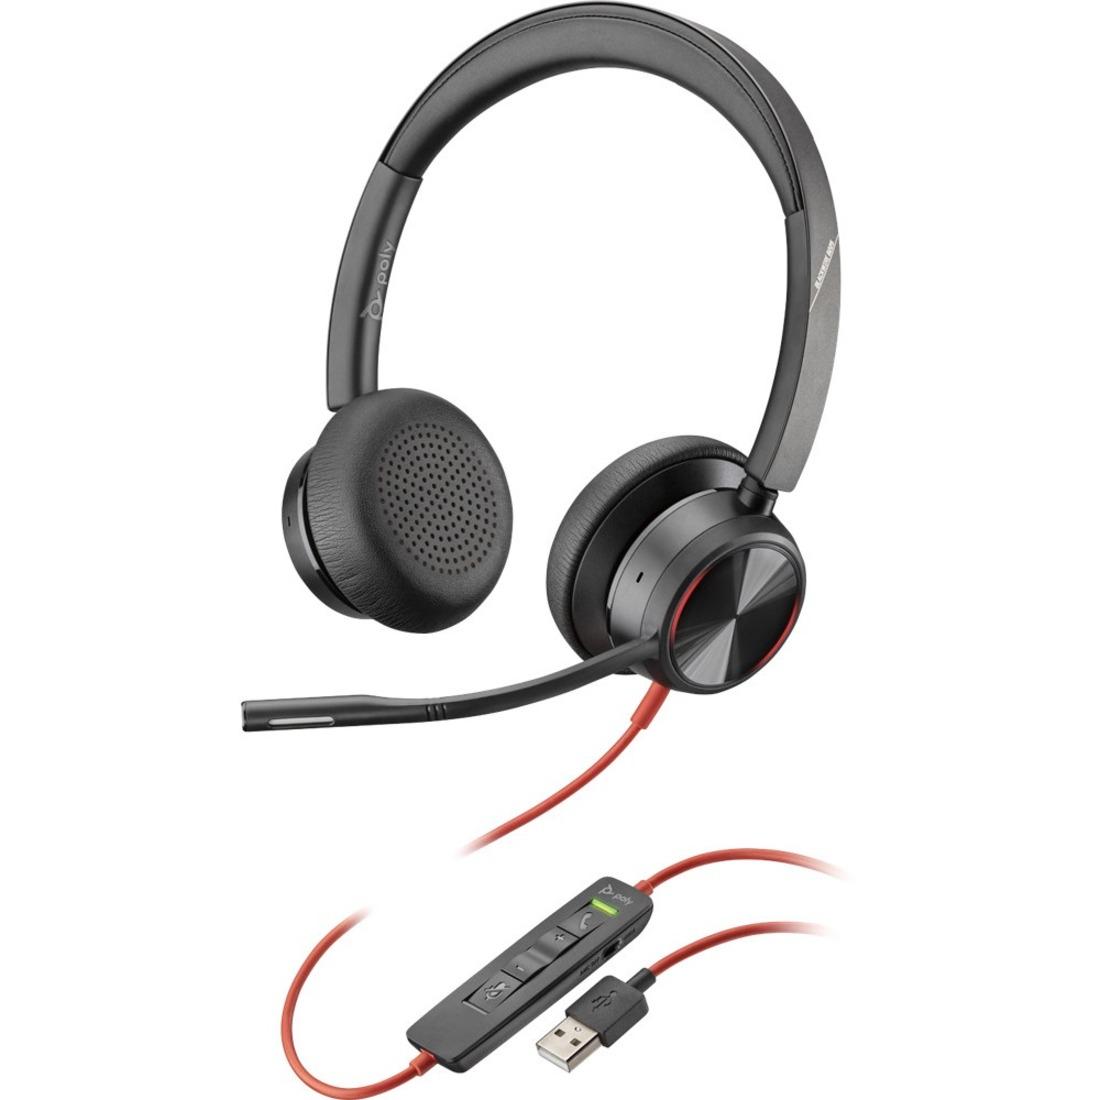 Plantronics Premium Corded UC Headset_subImage_1